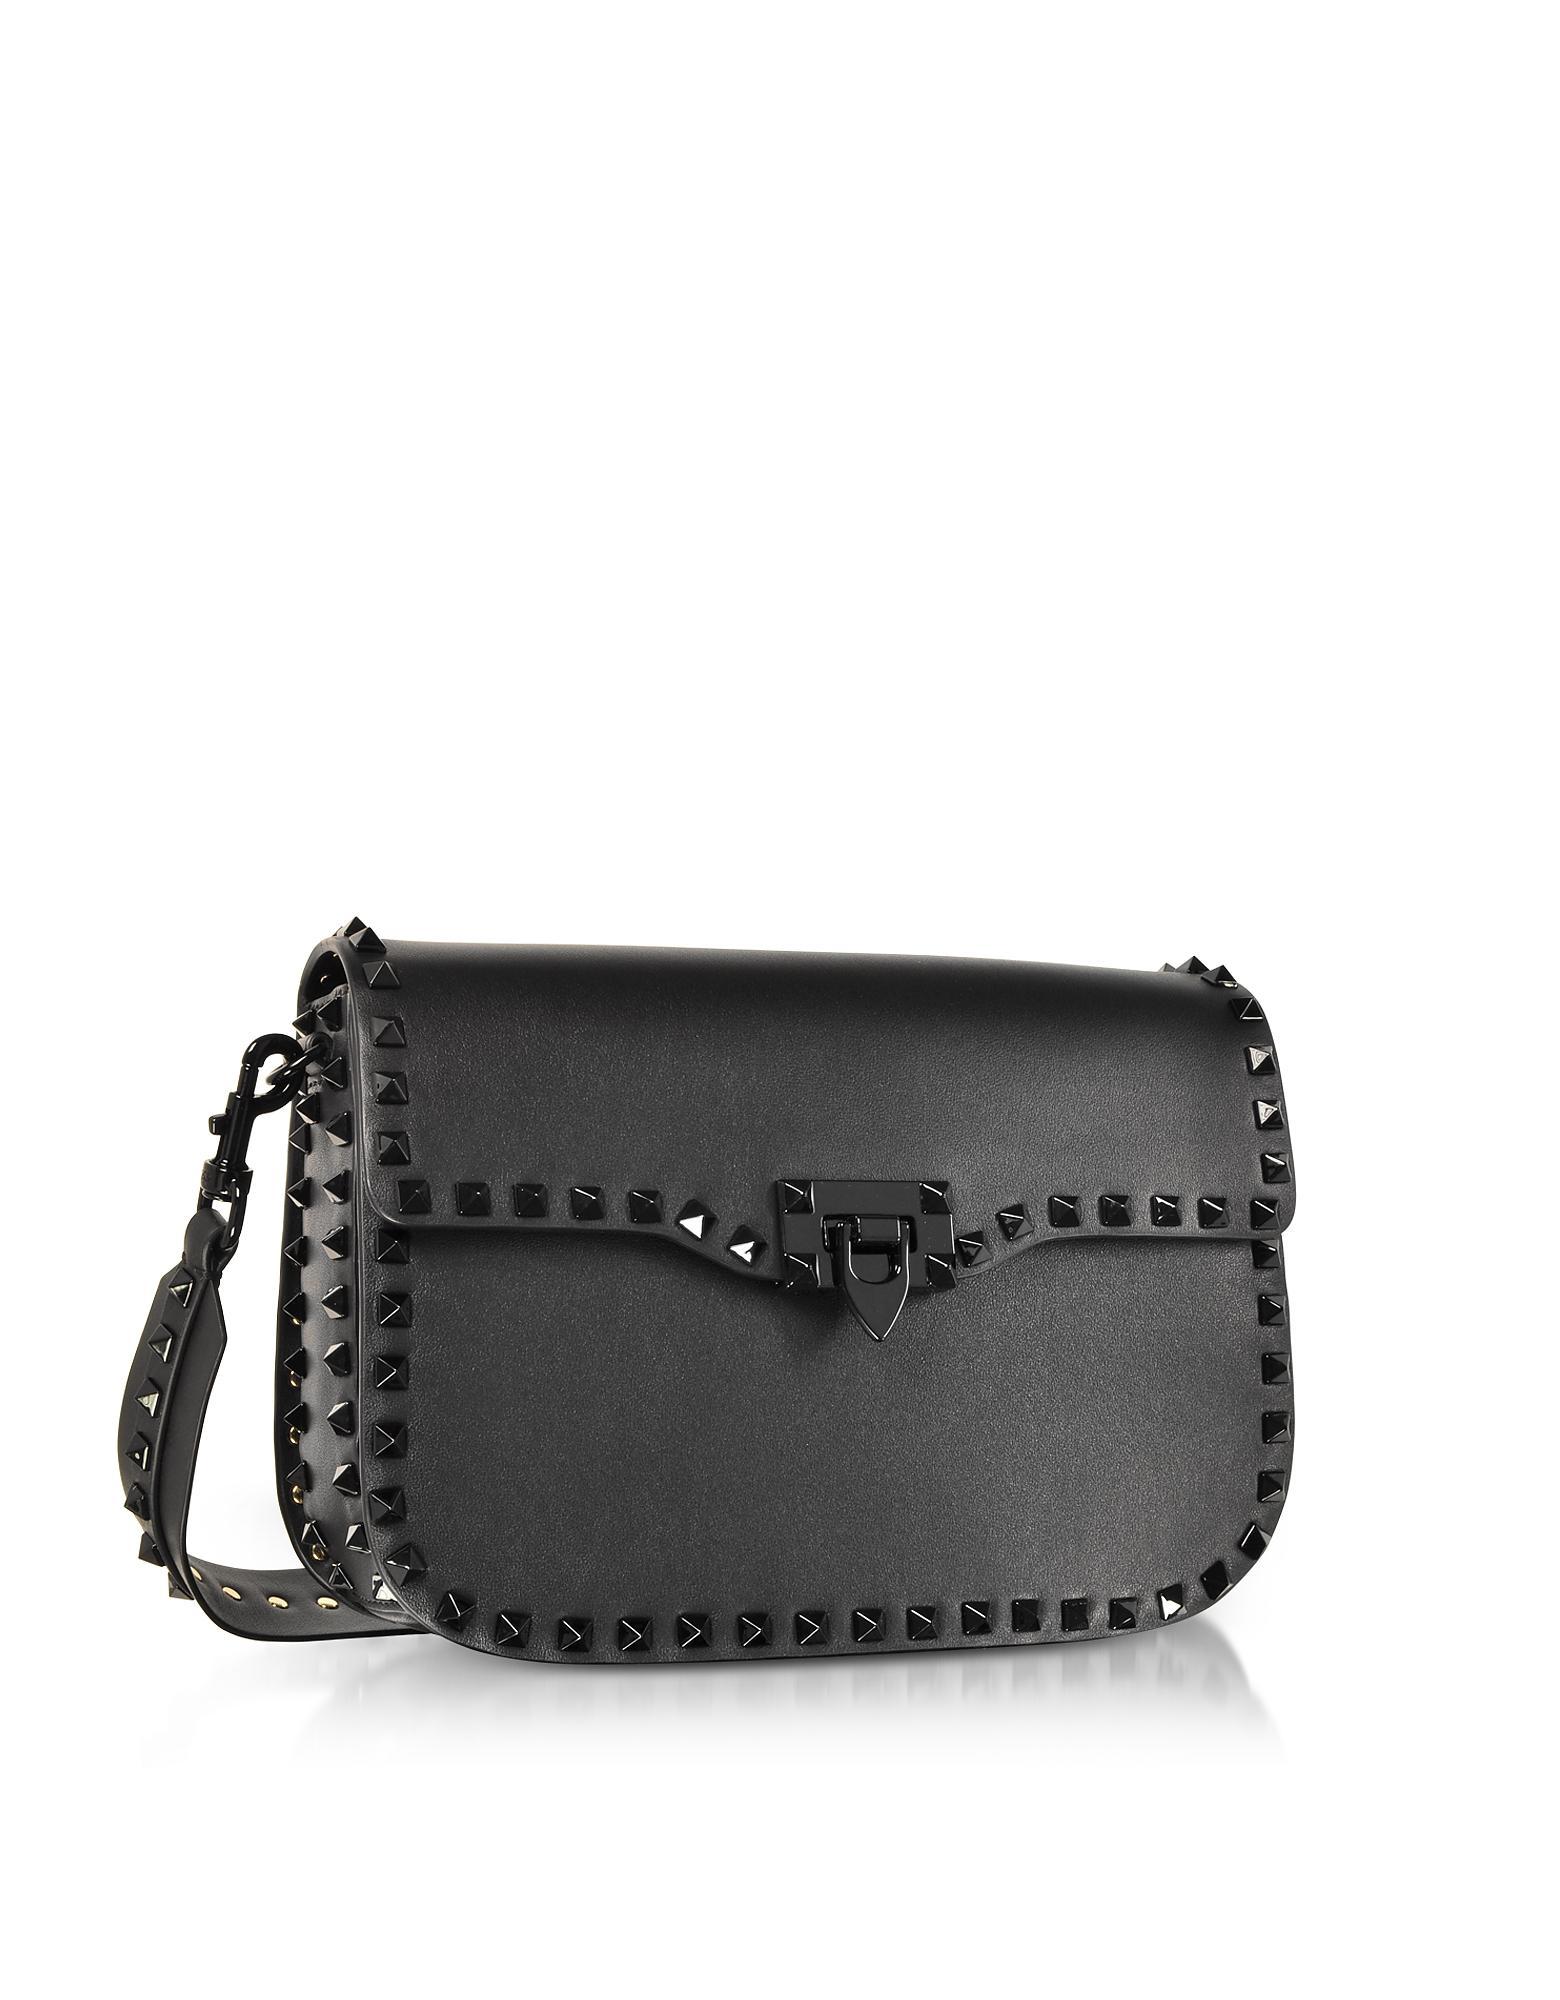 472ef081f1a6 Lyst - Valentino Black Rockstud Shoulder Strap Bag in Black